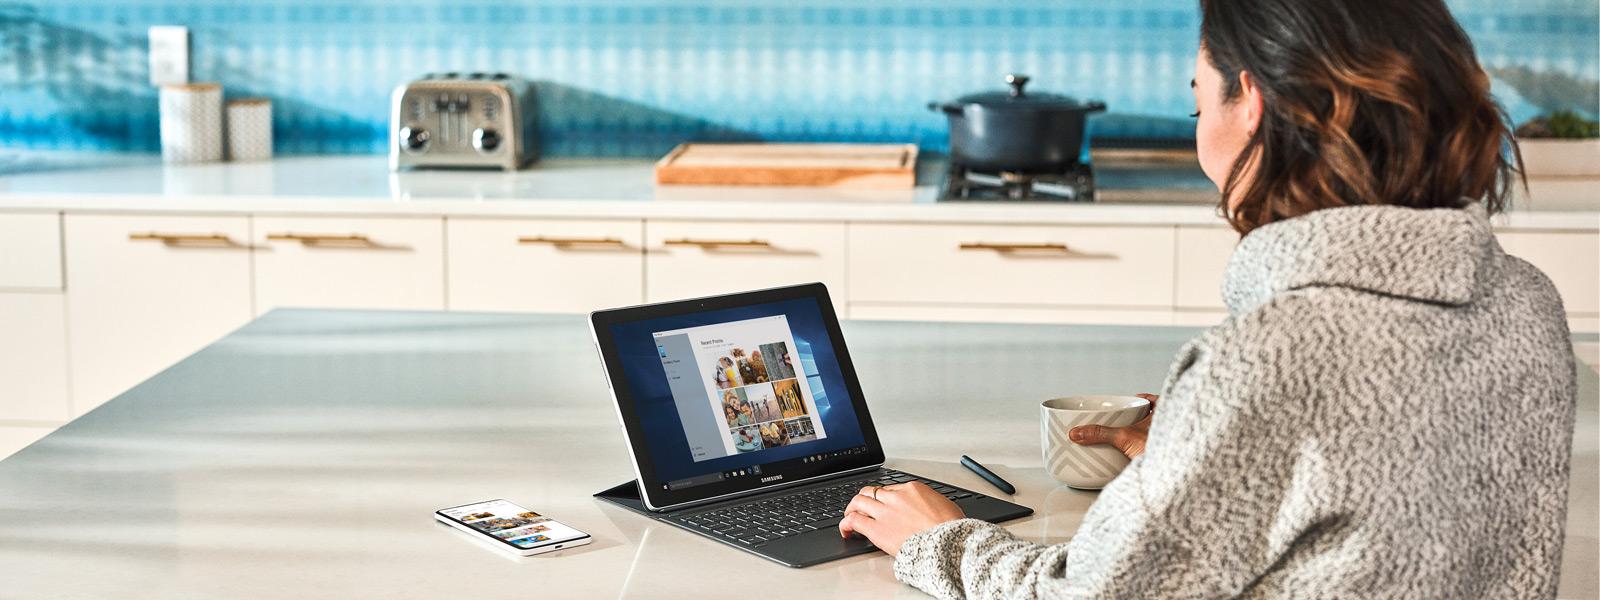 Kvinde, der sidder ved at køkkenbord og bruger en Windows 10-laptop med sin mobiltelefon